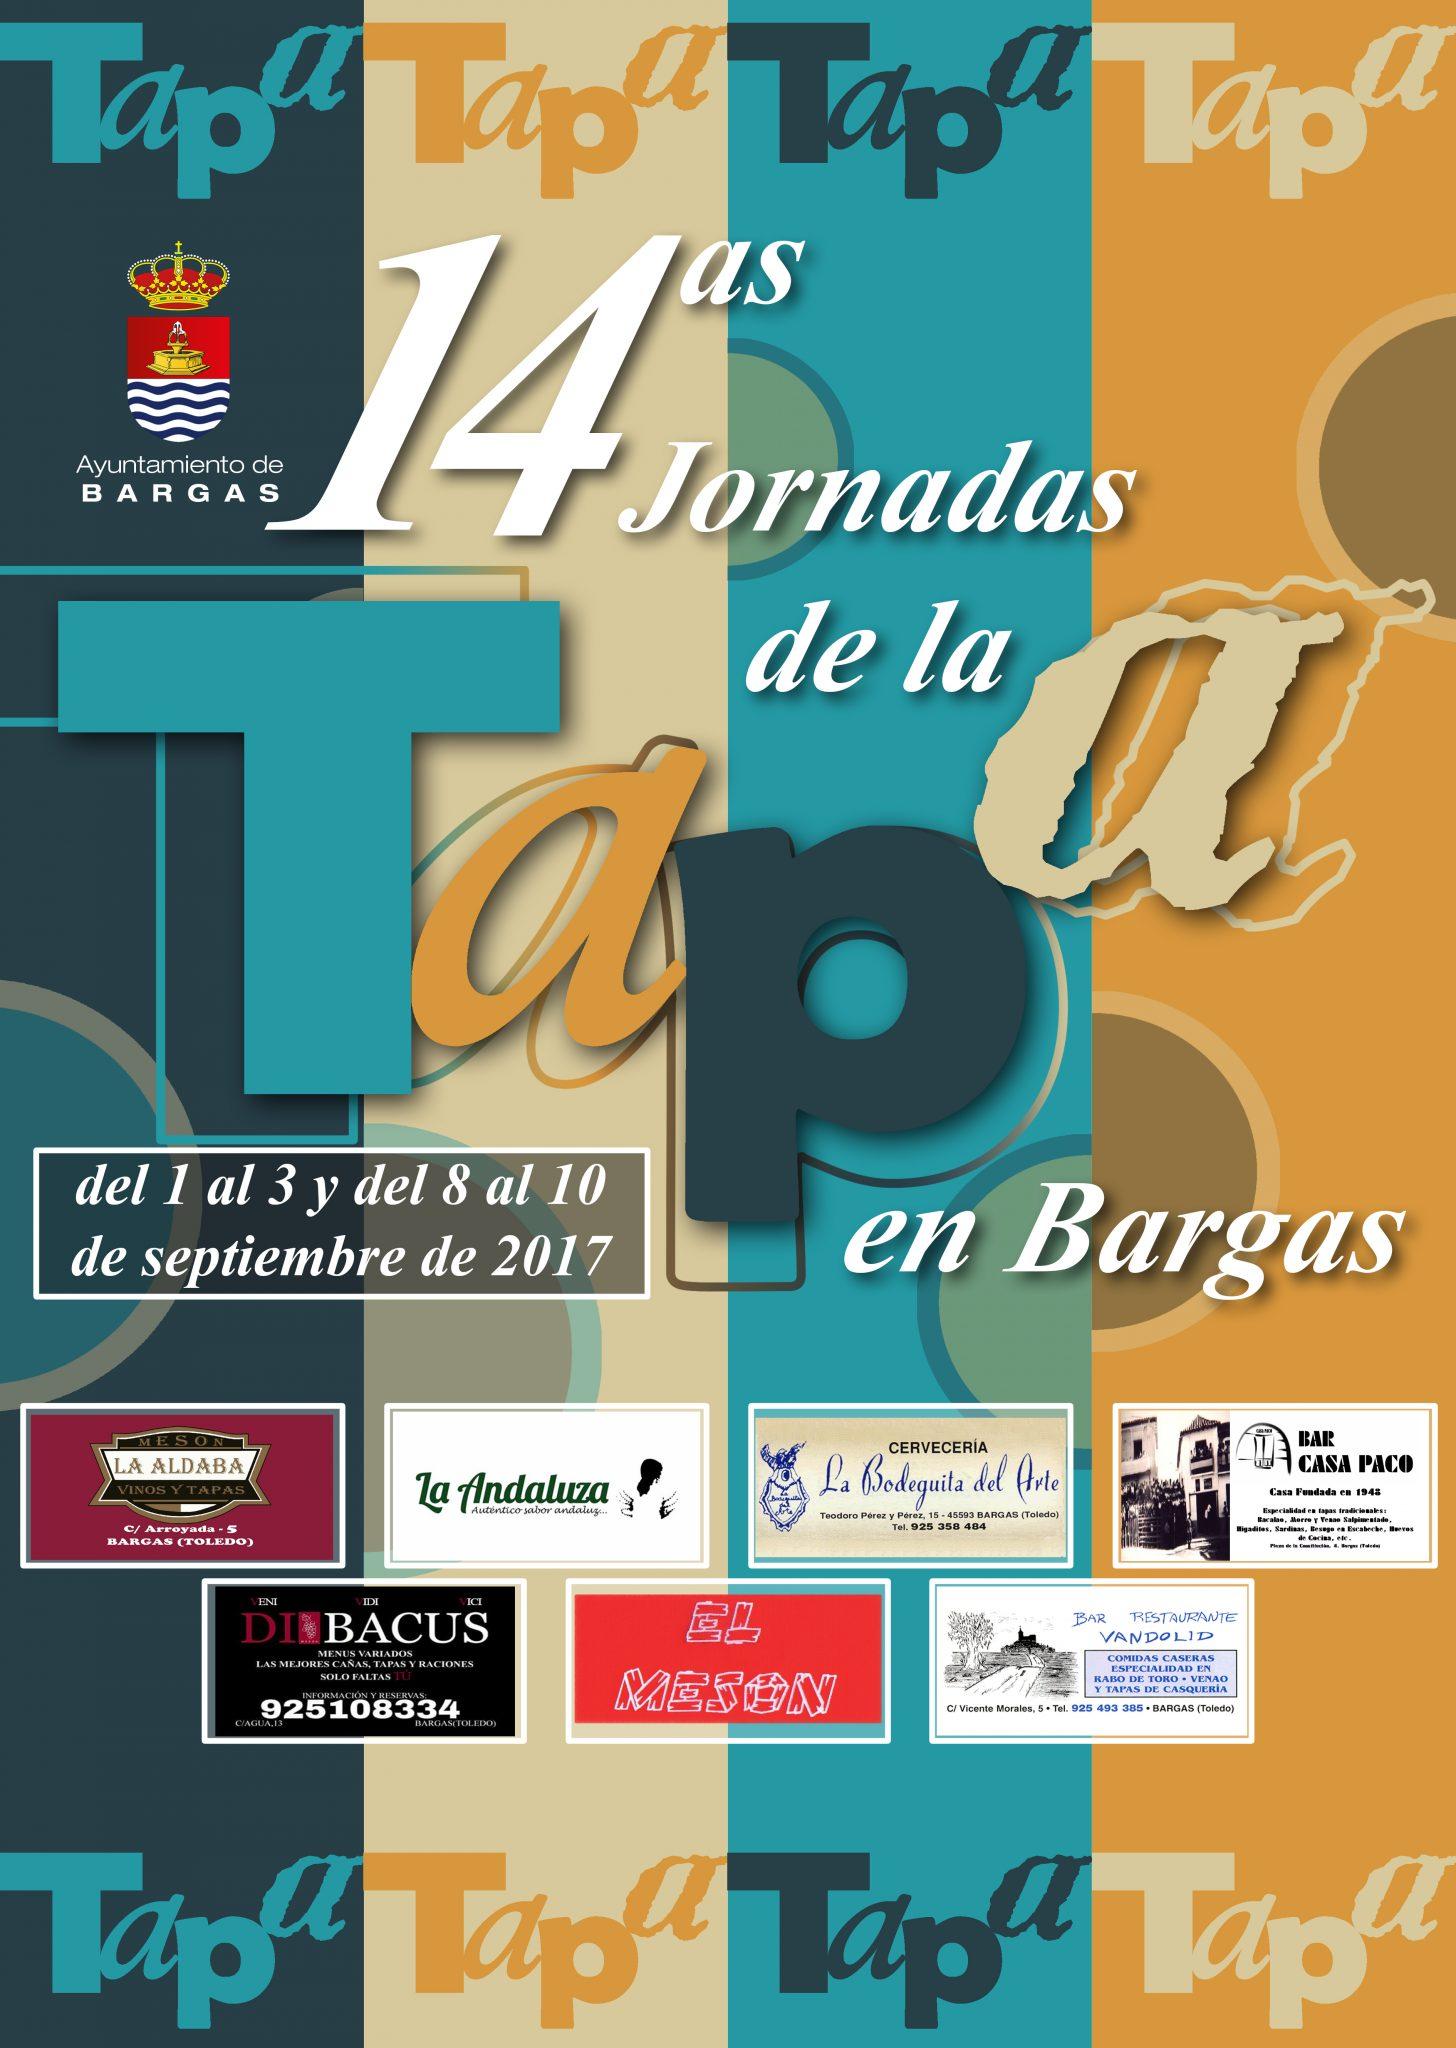 14<sup>as</sup> Jornadas de la Tapa